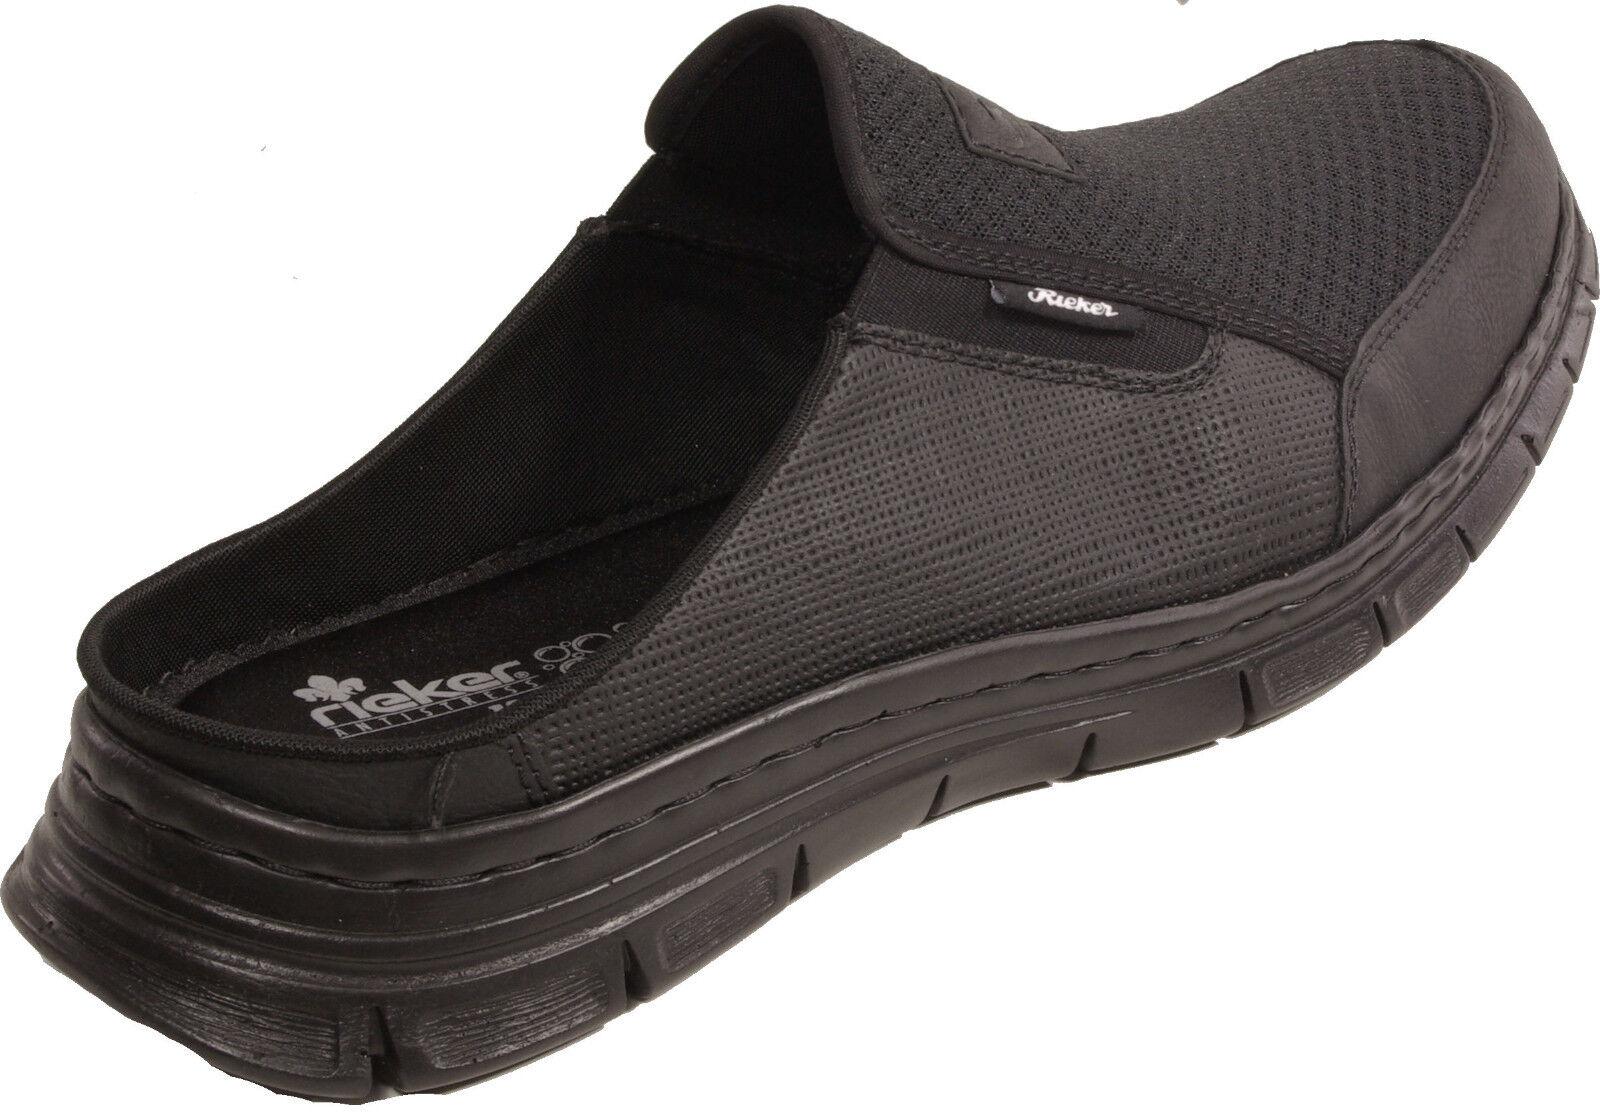 RIEKER Schuhe schwarz Pantoletten Clogs Hausschuhe schwarz Schuhe Weichbettung  NEU d651ab